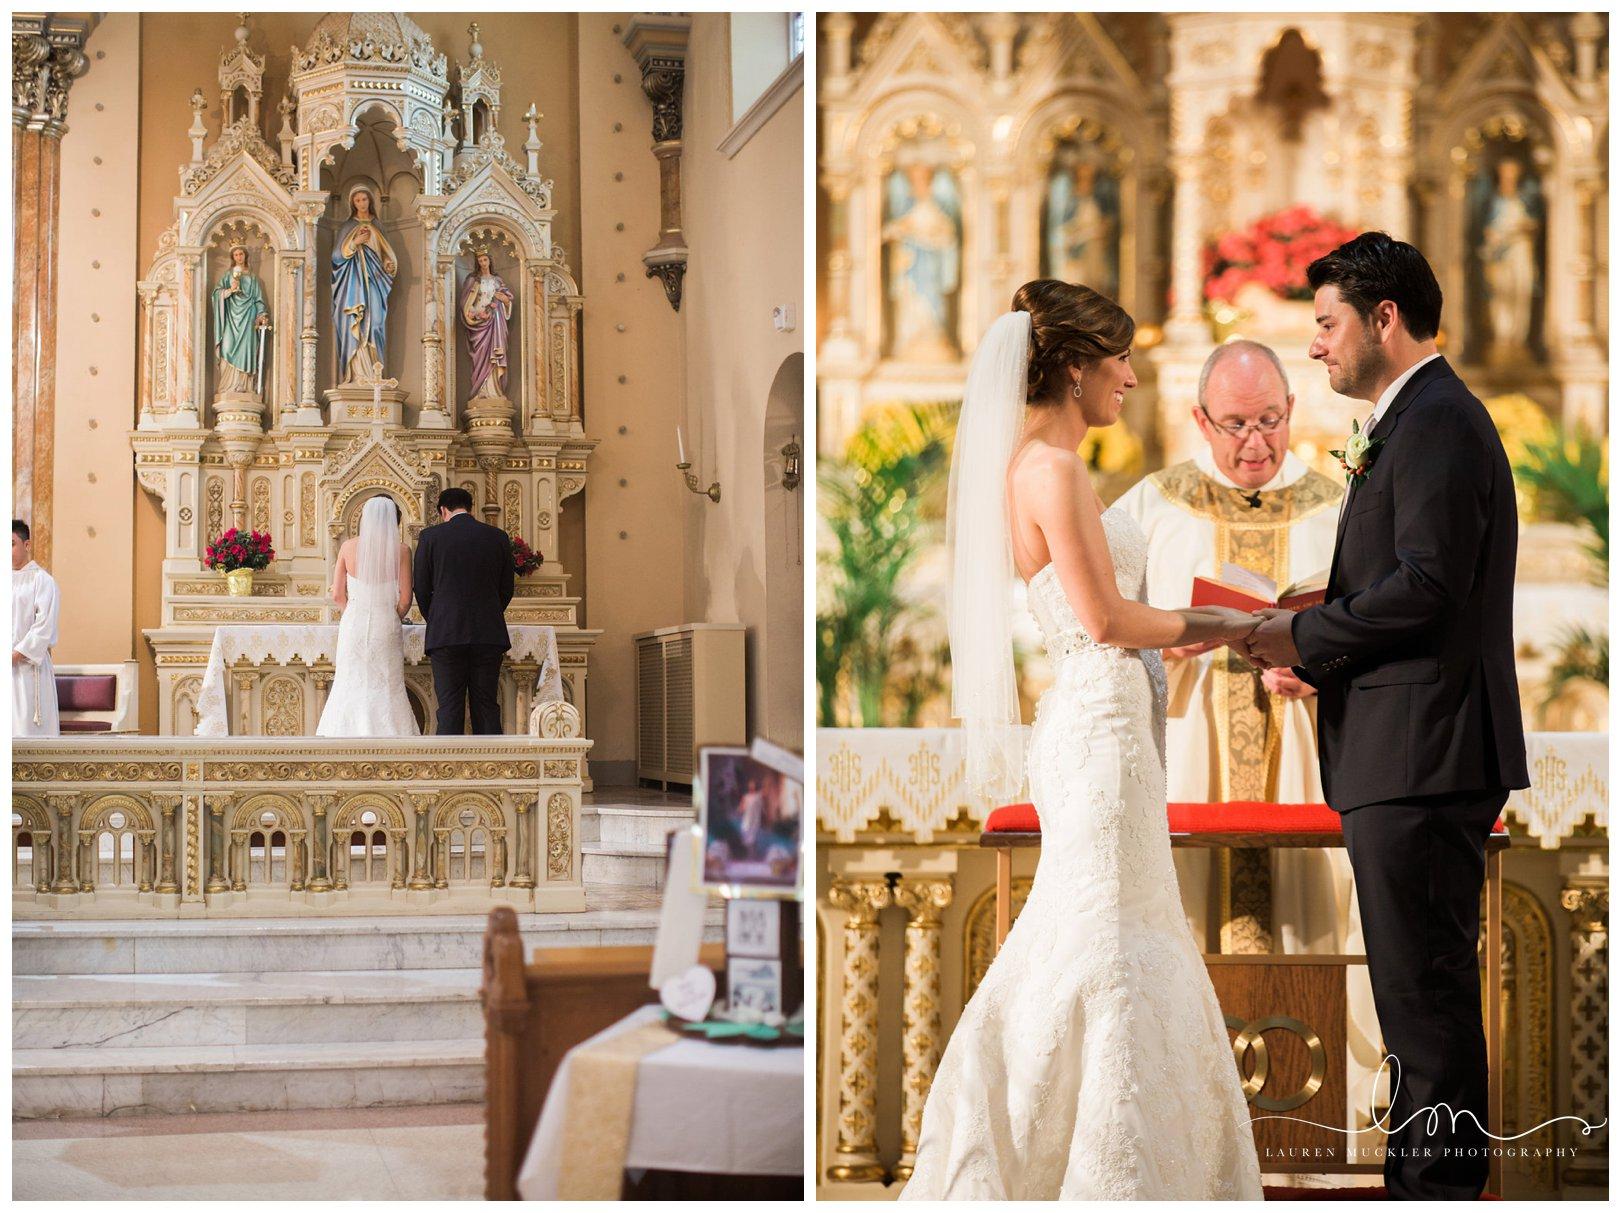 lauren muckler photography_fine art film wedding photography_st louis_photography_0012.jpg